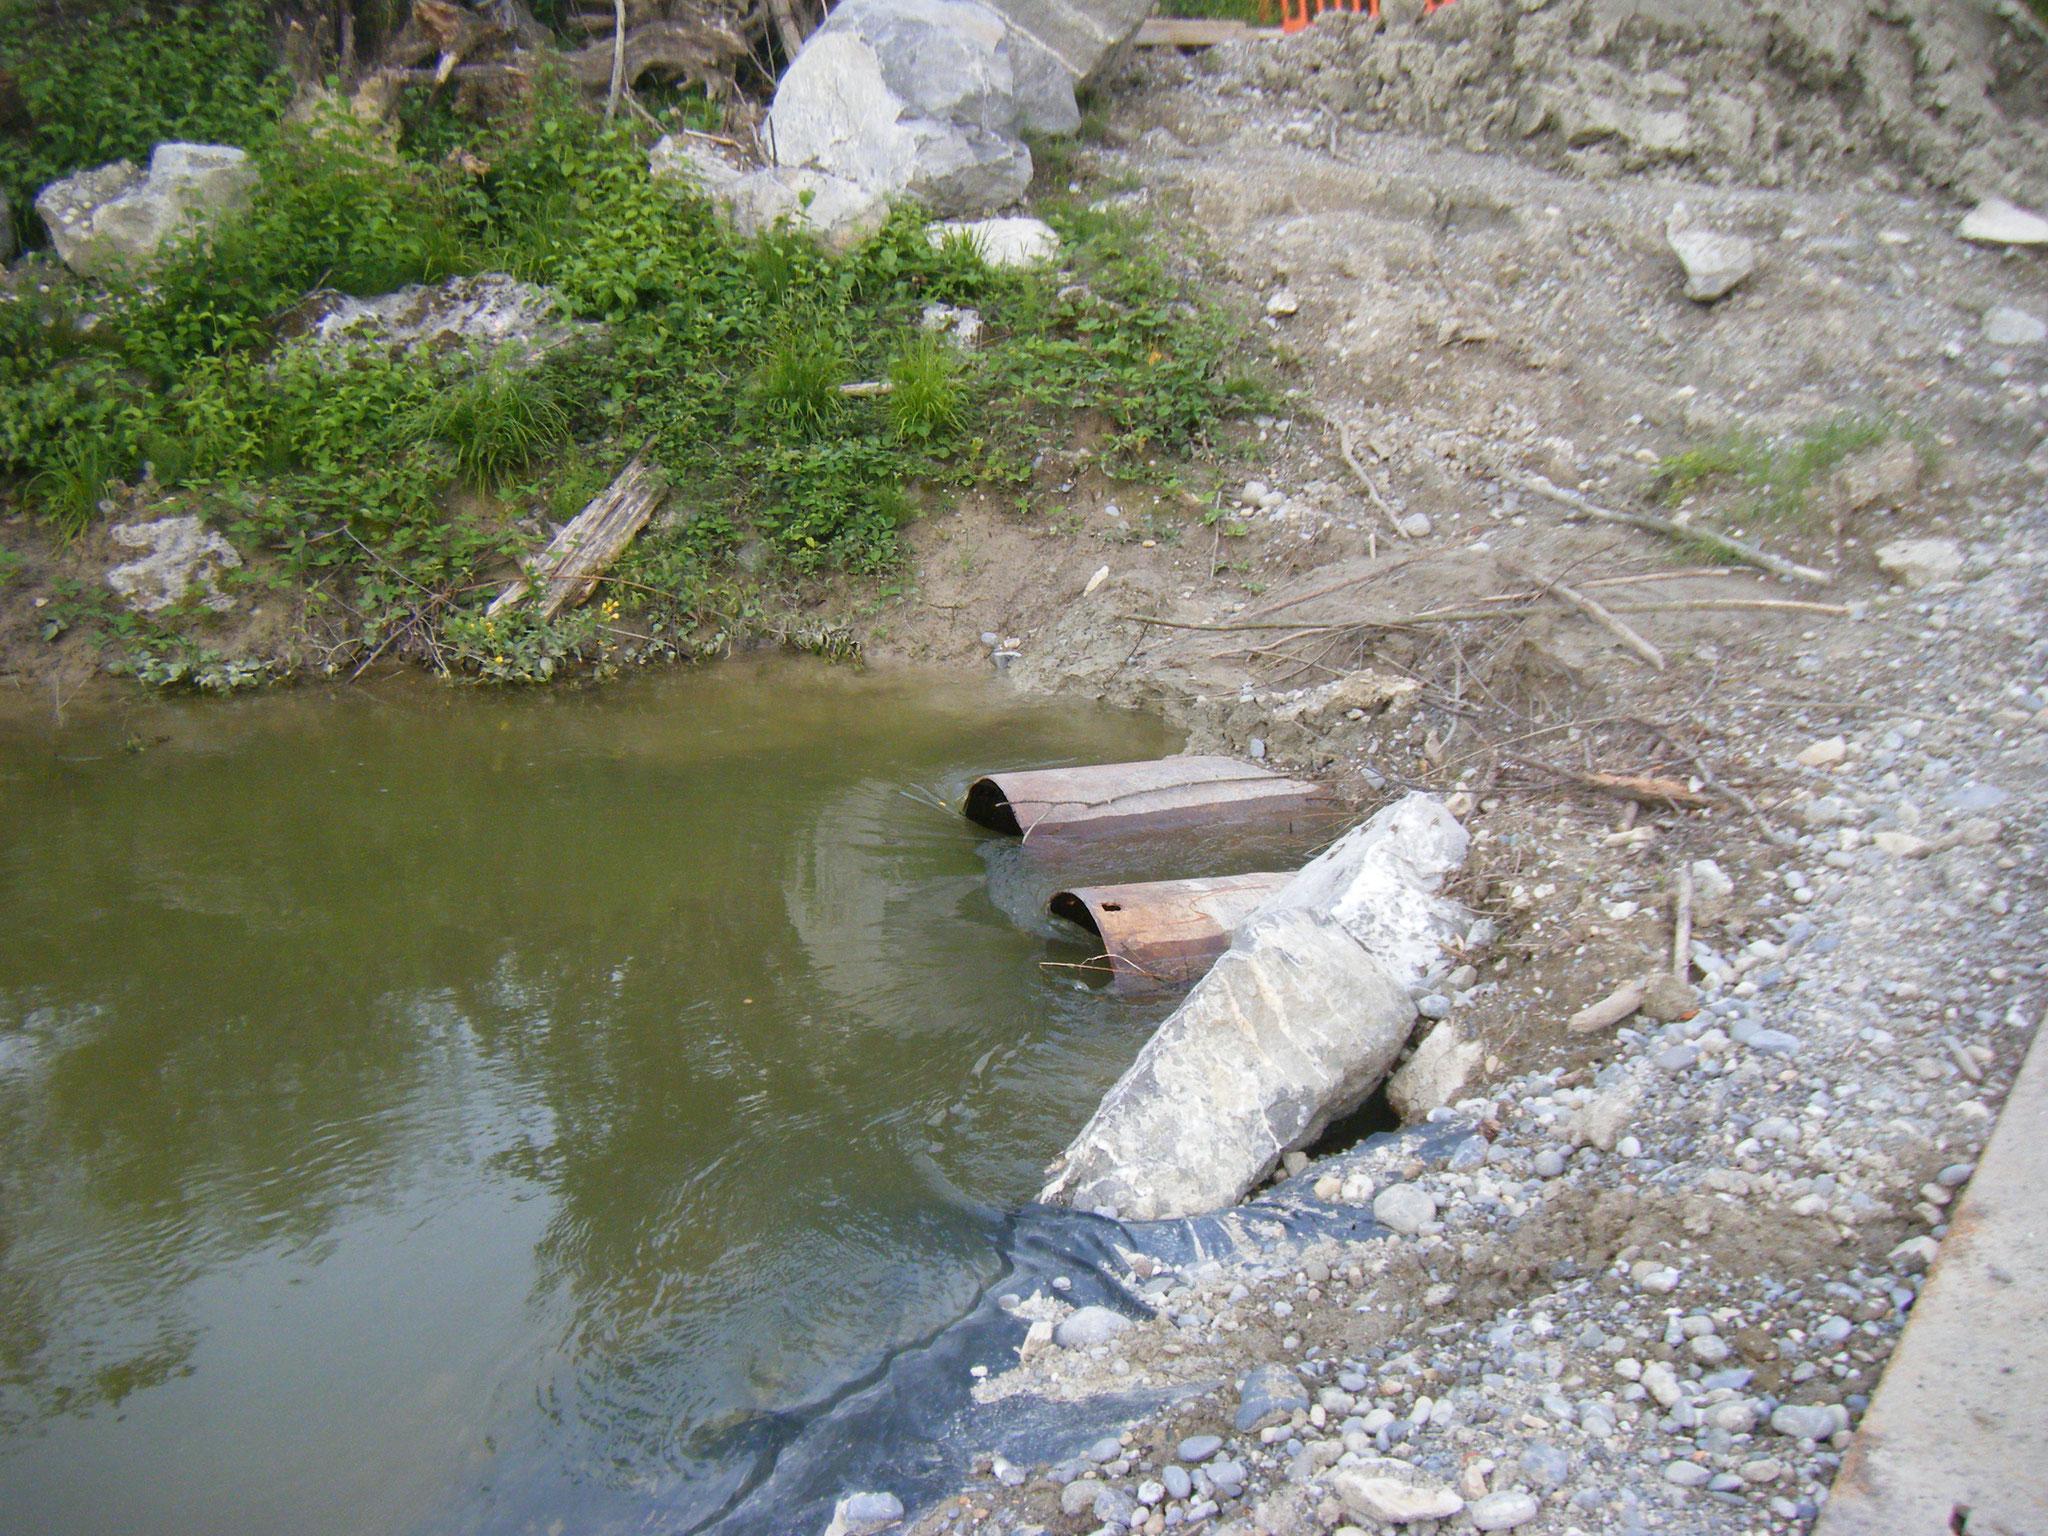 der gemeinsame Einlauf von Allmannsweiler Bach und umgeleiteter Rotach, das Wasser wird mit großer Geschwindigkeit eingesogen